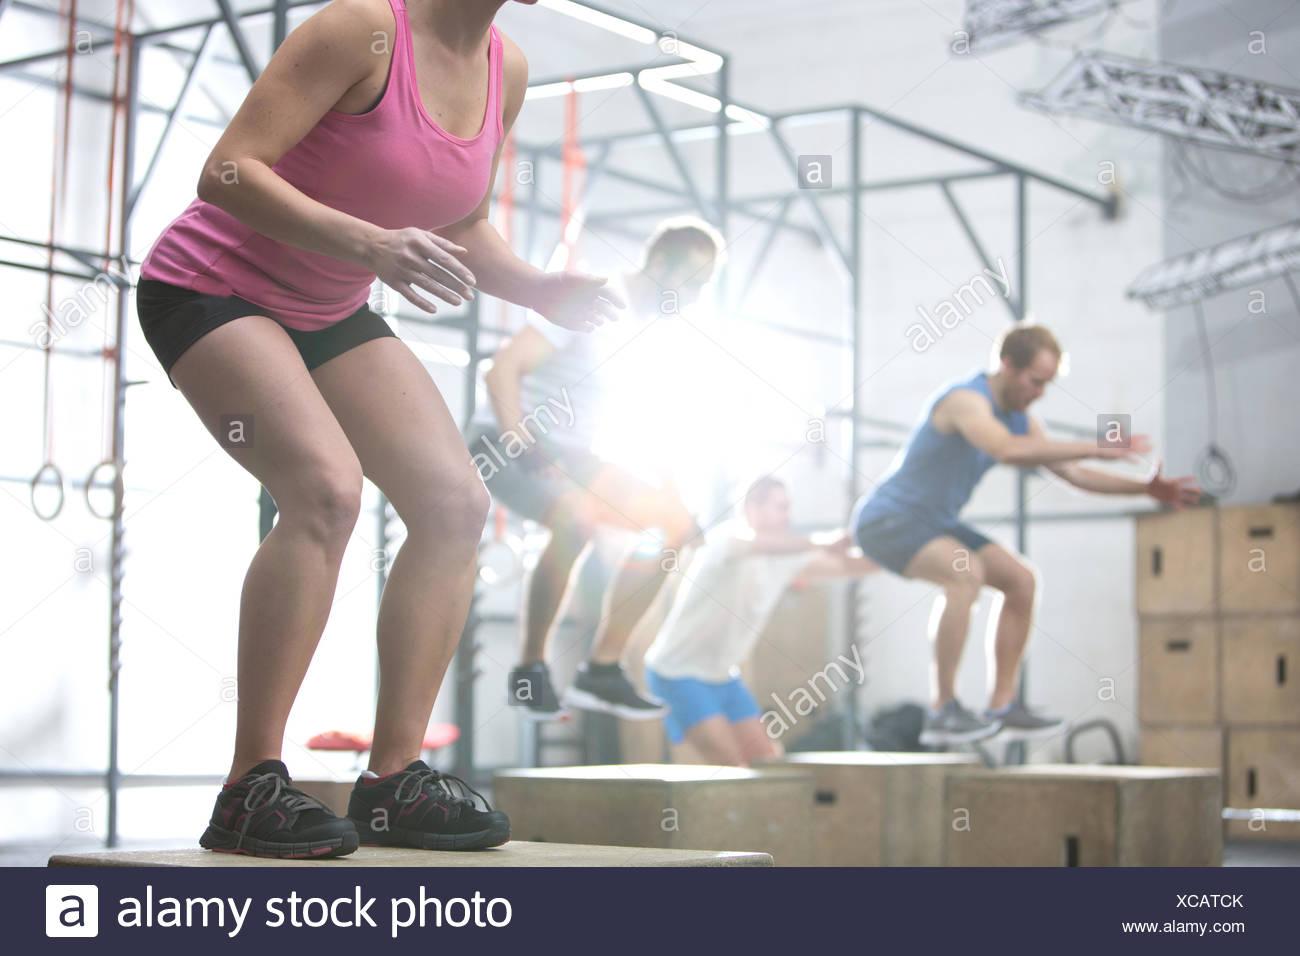 Leute, die Box springen Crossfit Fitnessstudio Stockbild